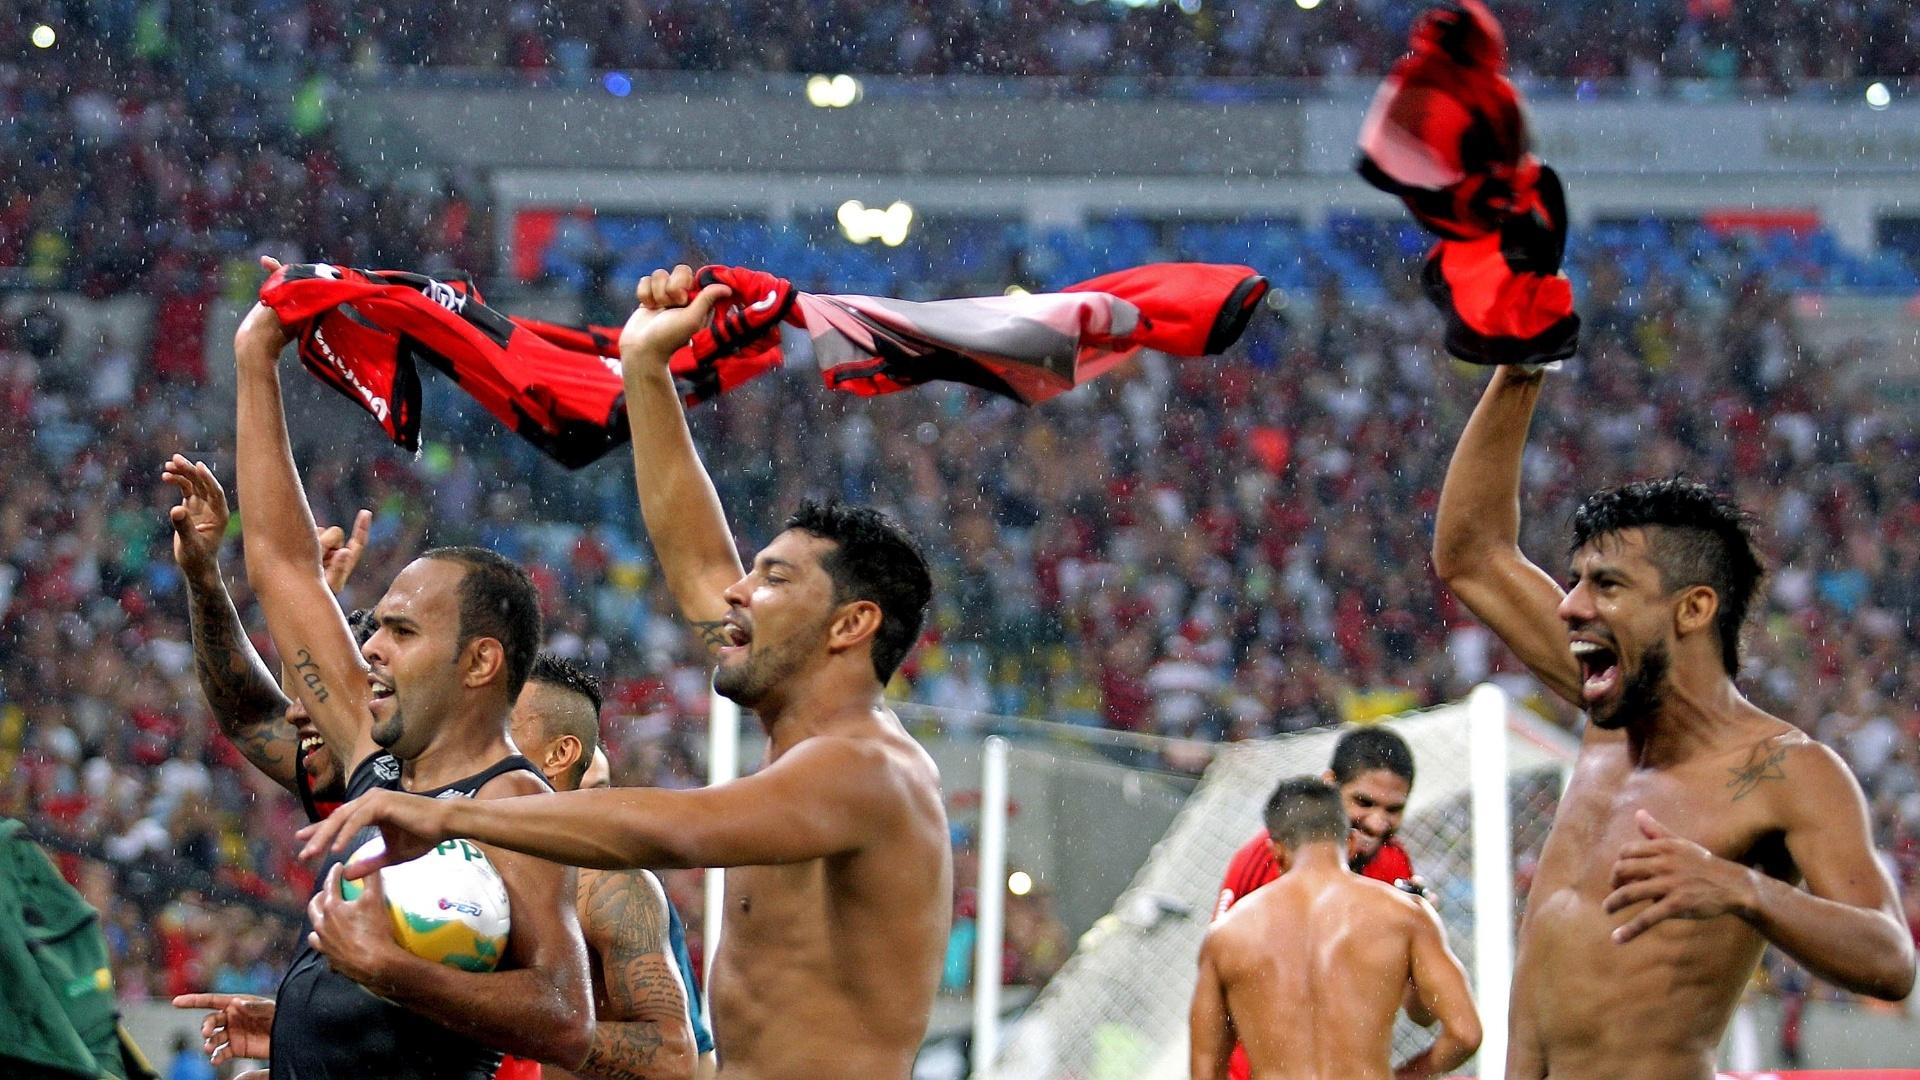 Alecsandro, André Santos e Léo Moura giram as camisas rubro-negras após título sobre o Vasco